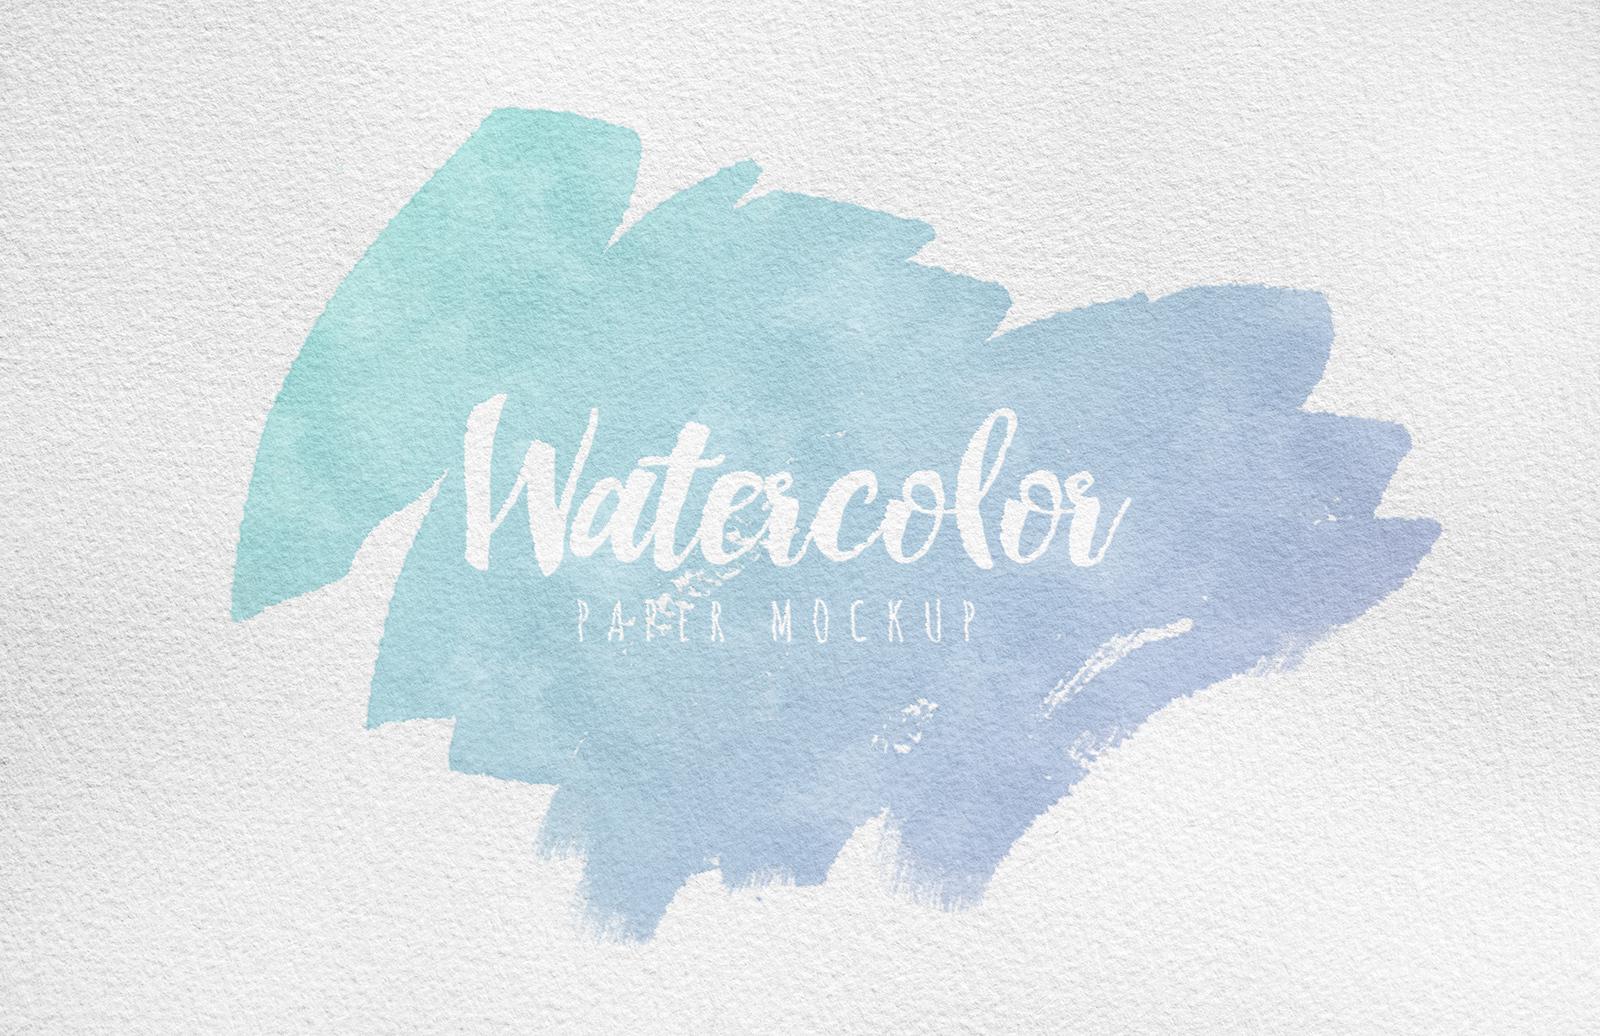 Watercolor Paper Mockup Medialoot